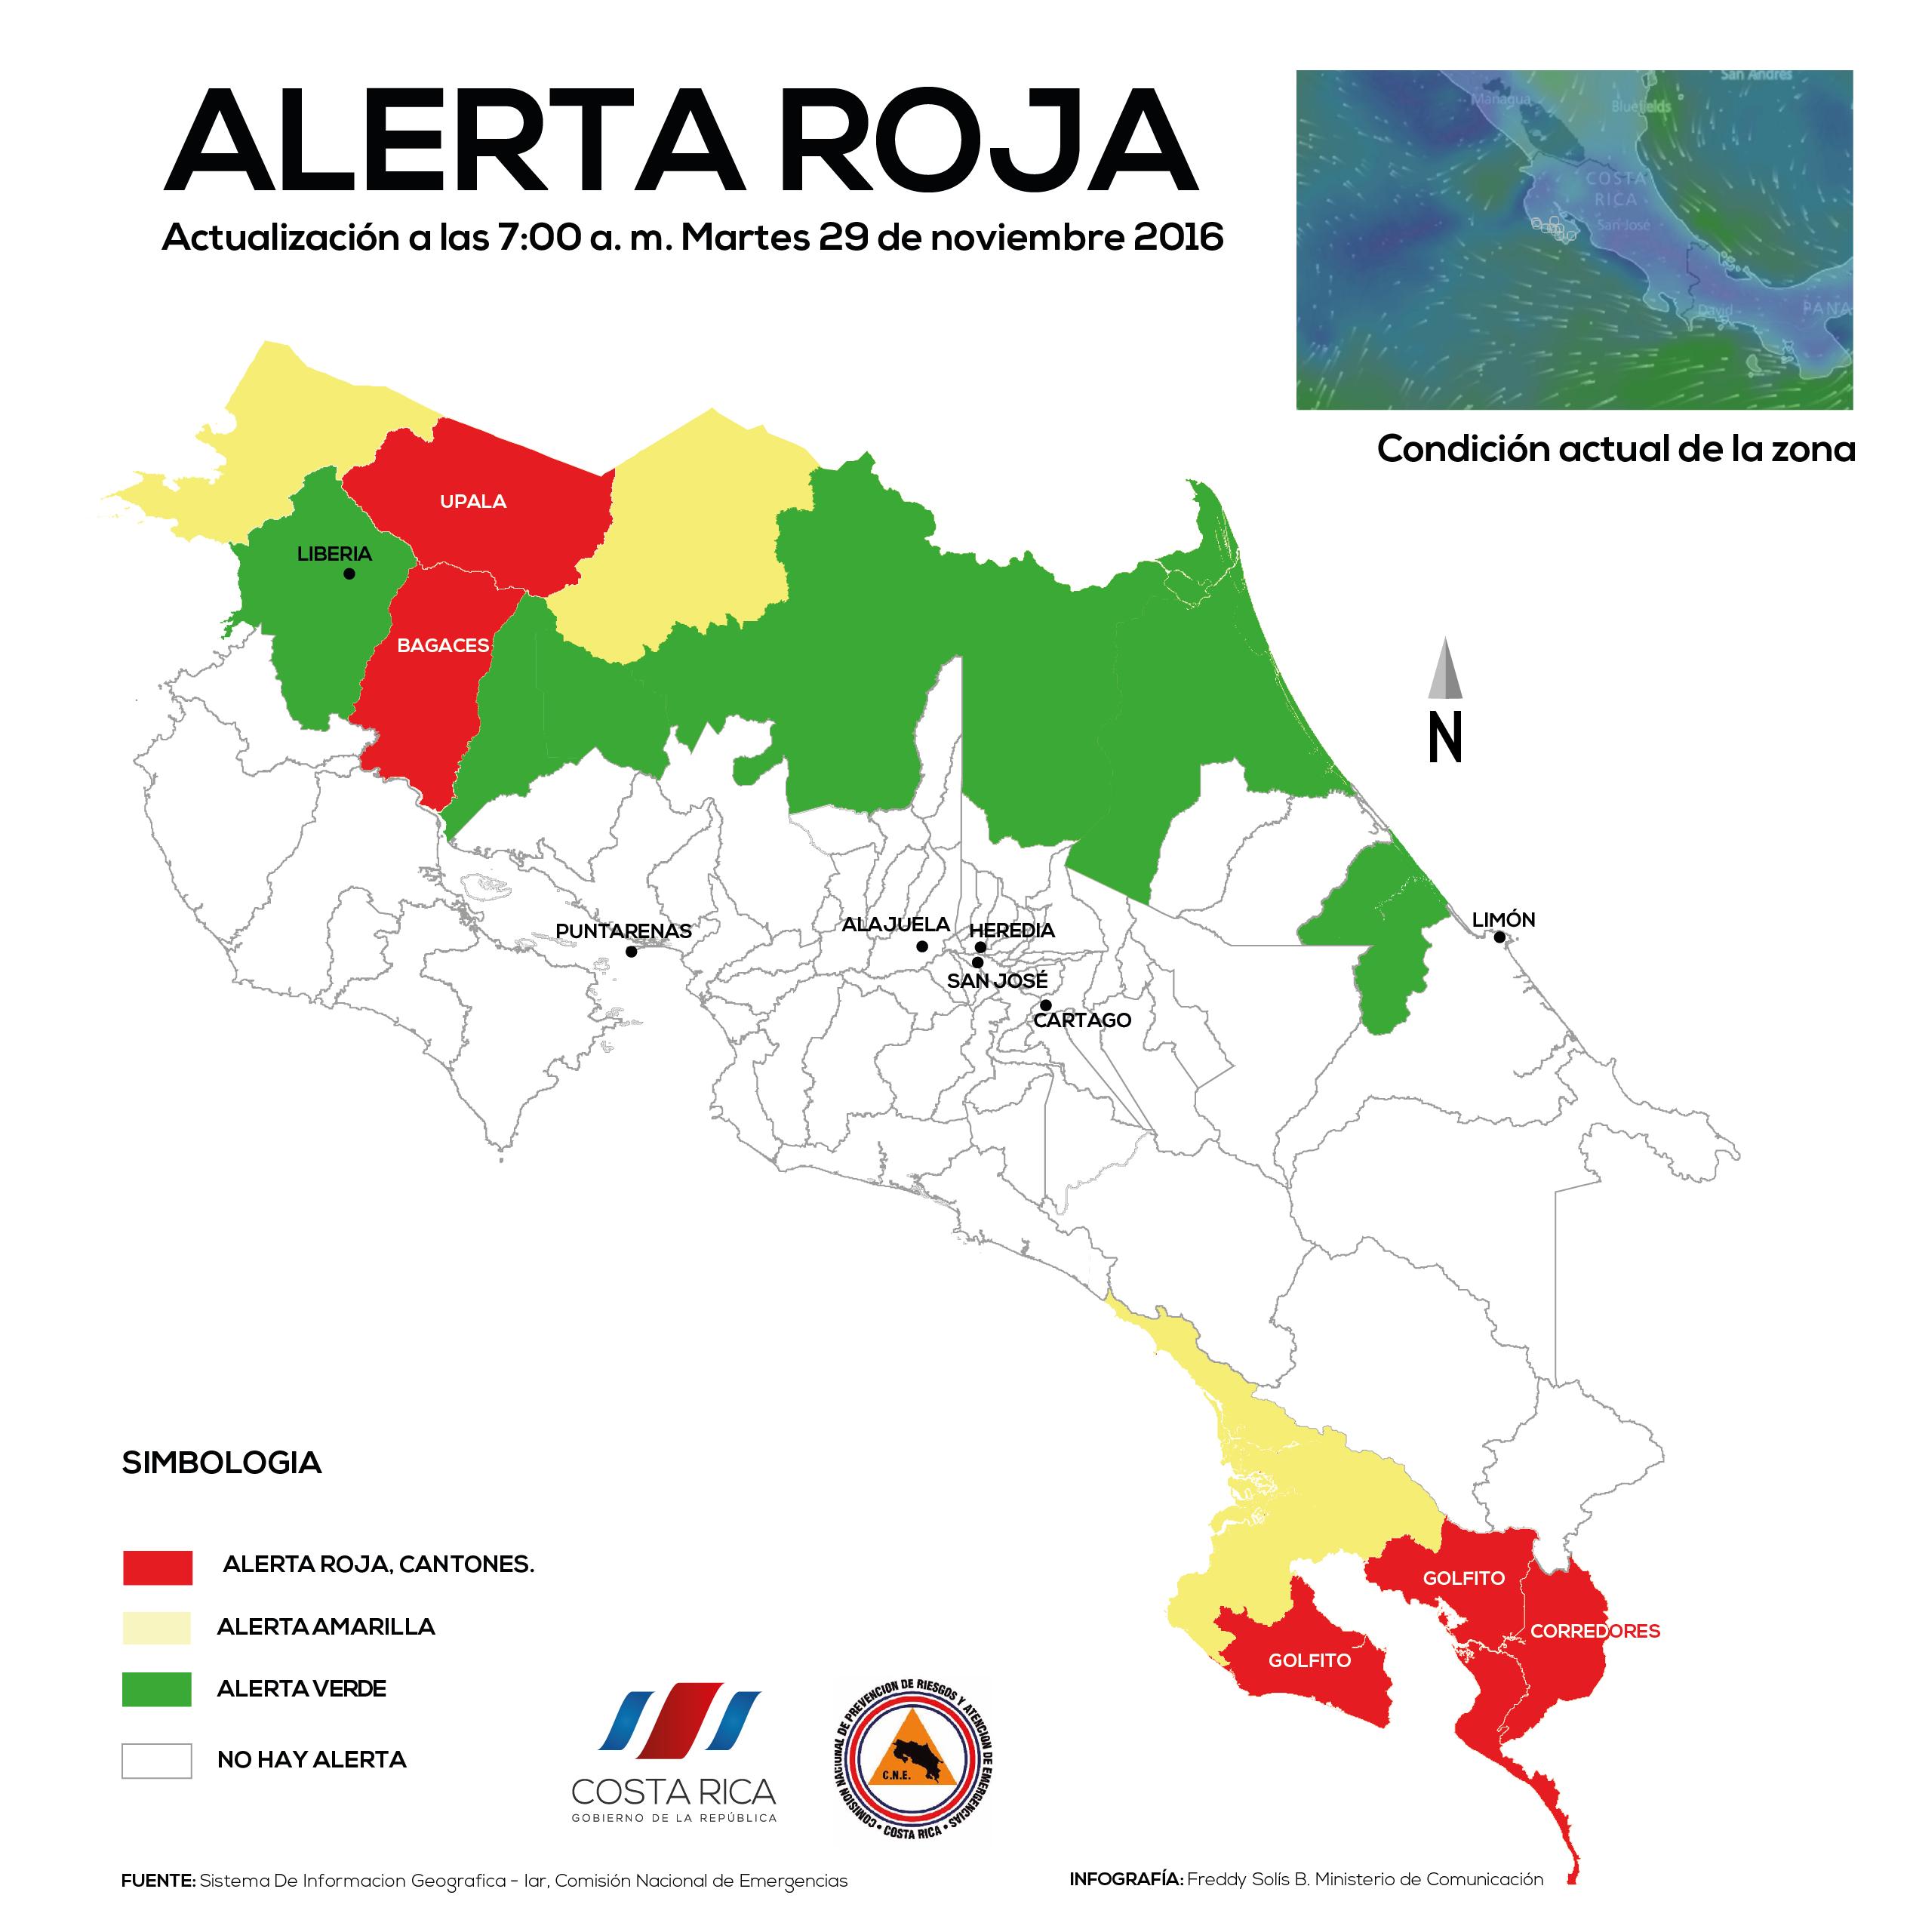 alerta-roja1-10